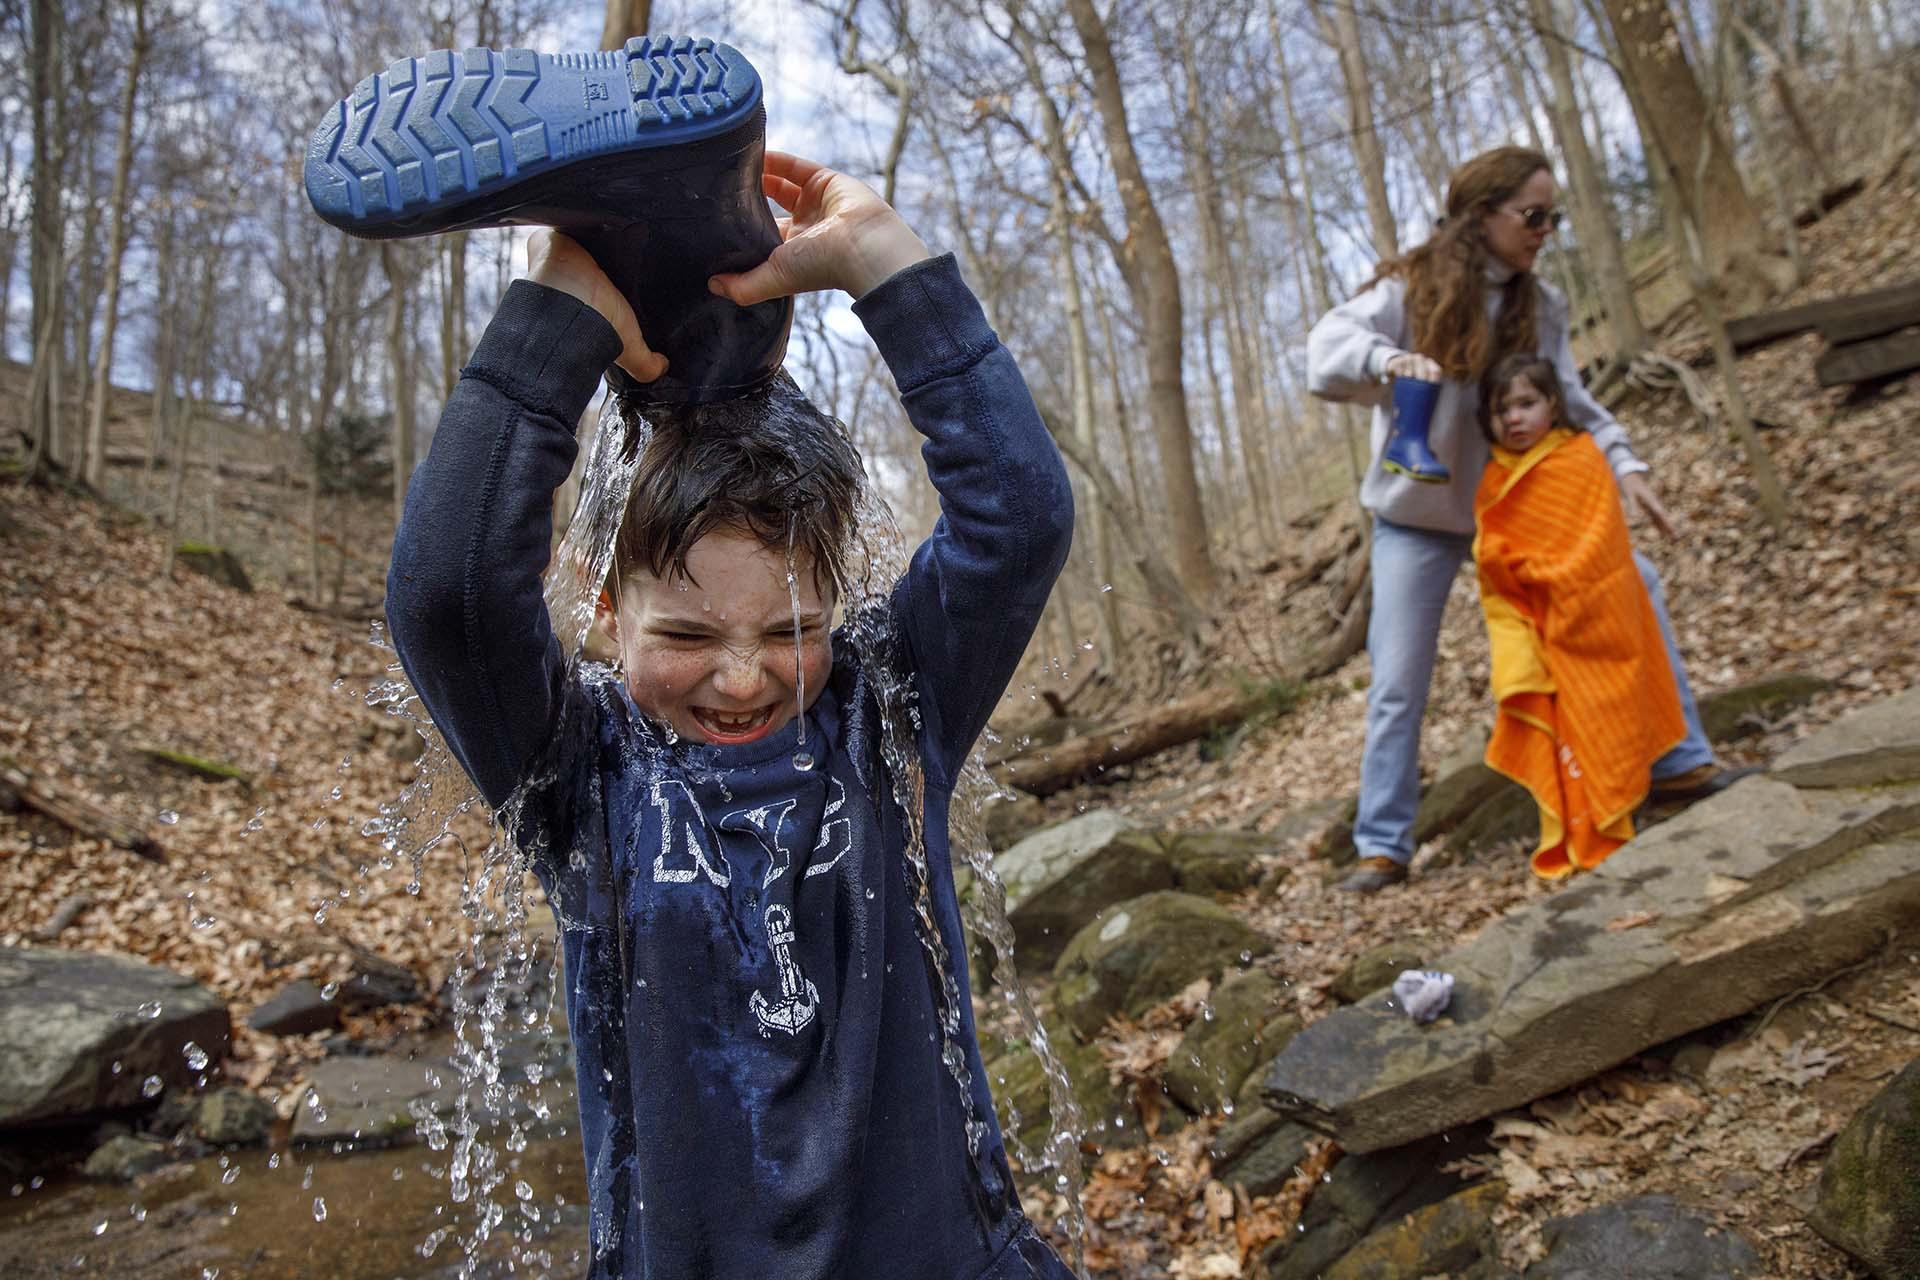 Desmond Peskowitz, de 7 años, en el Parque Takoma (AP Photo/Jacquelyn Martin)